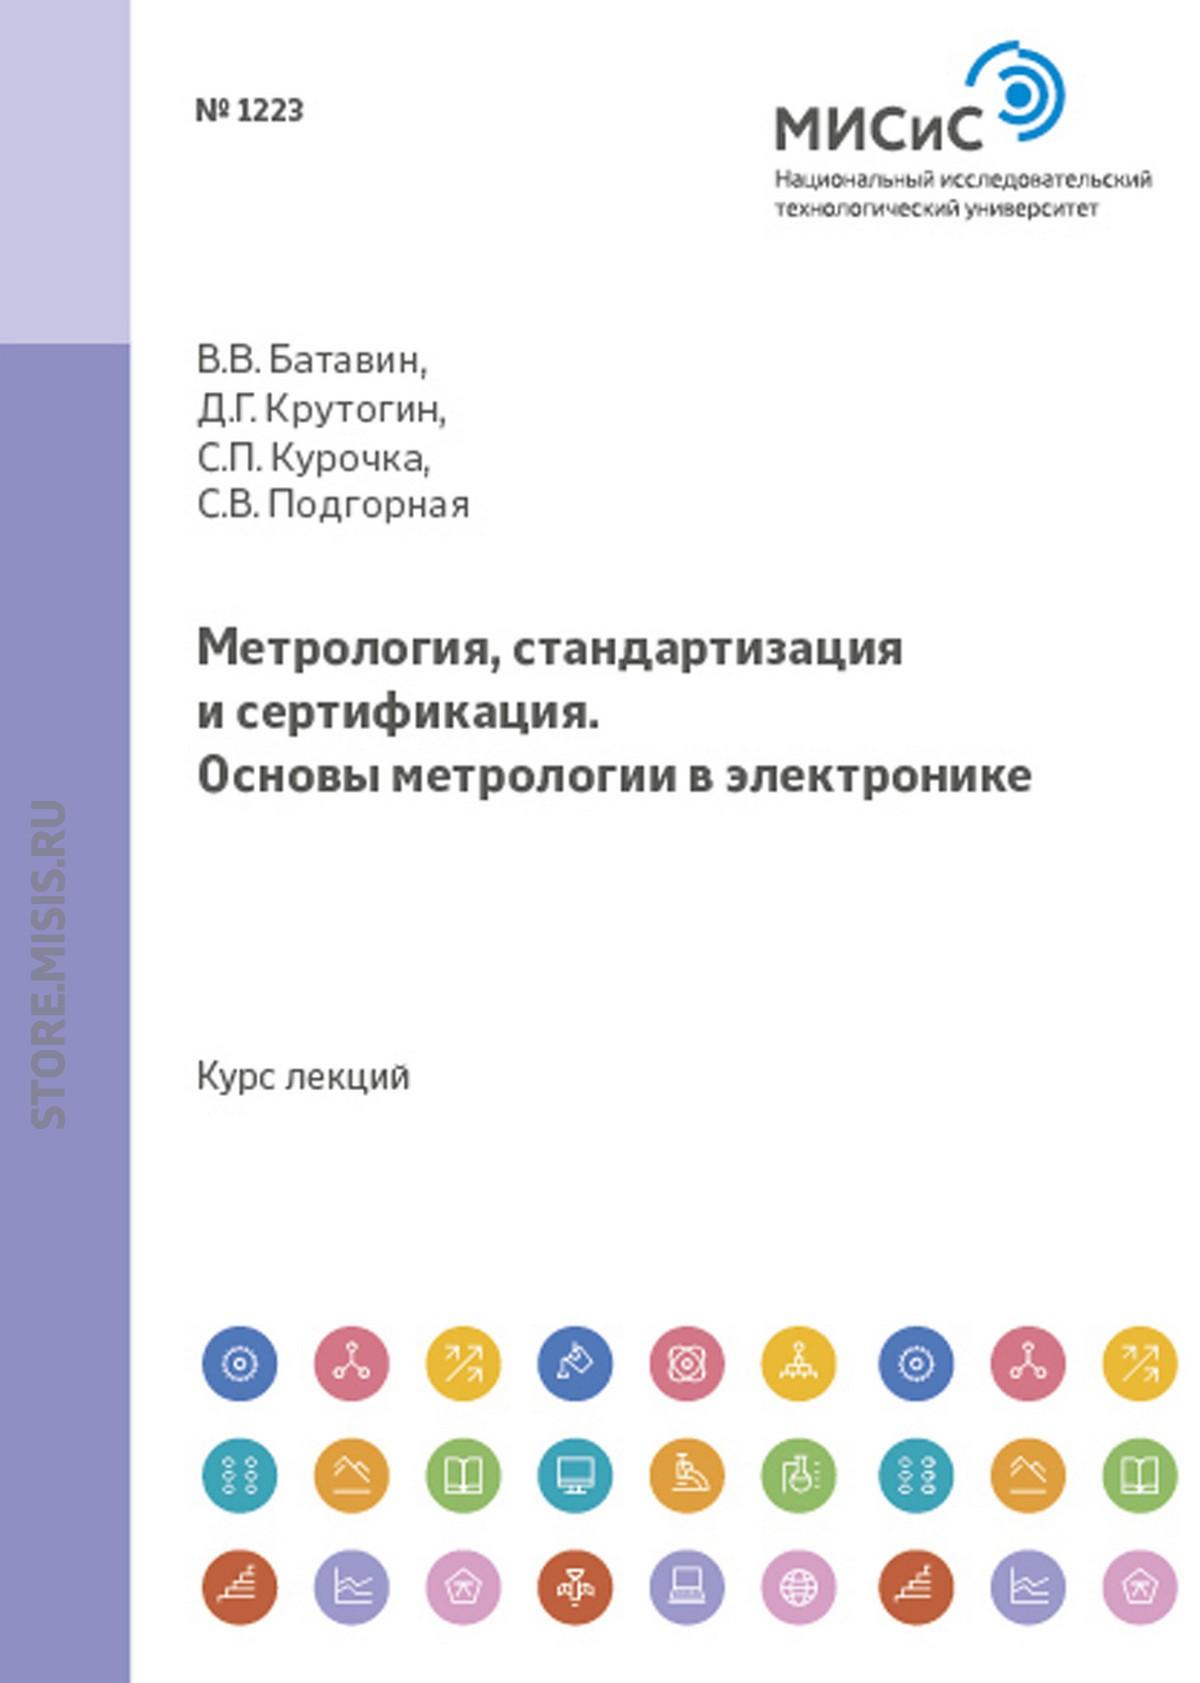 Дмитрий Крутогин Метрология, стандартизация и сертификация. Основы метрологии в электронике